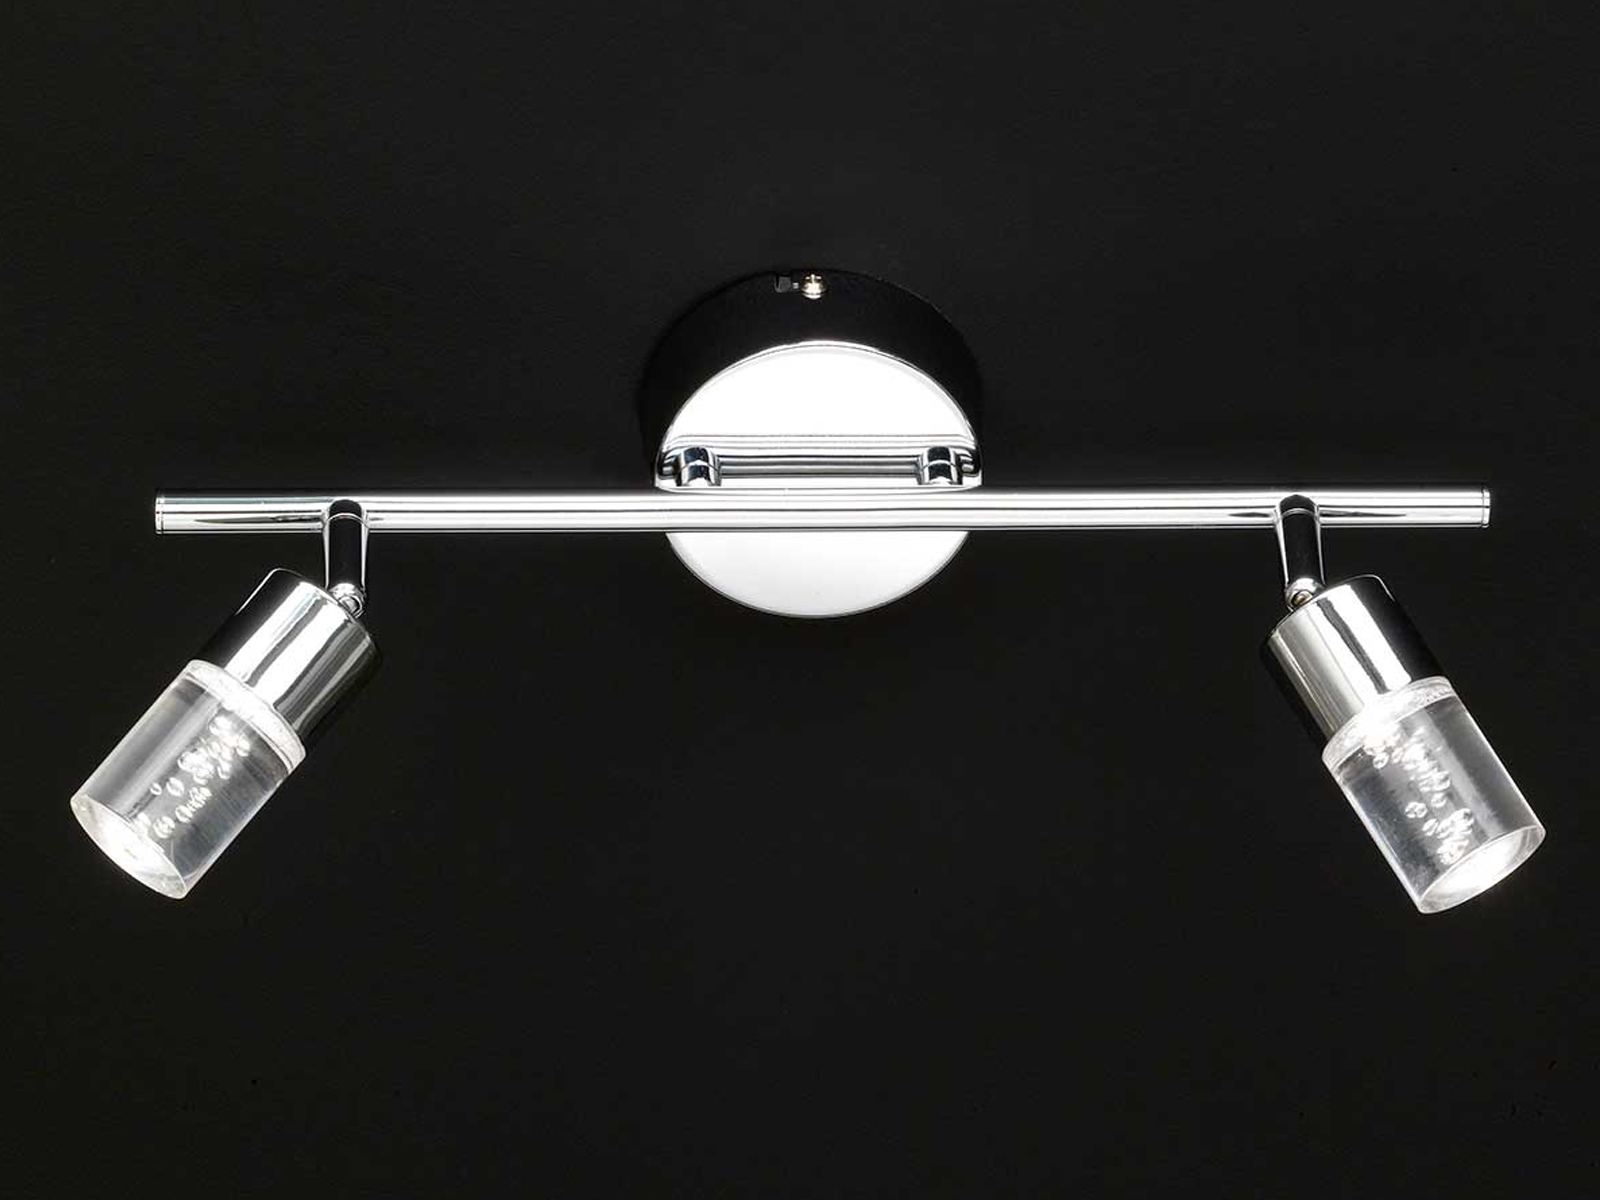 LED Deckenstrahler Deckenleuchte Spots schwenkbar Action by Wofi